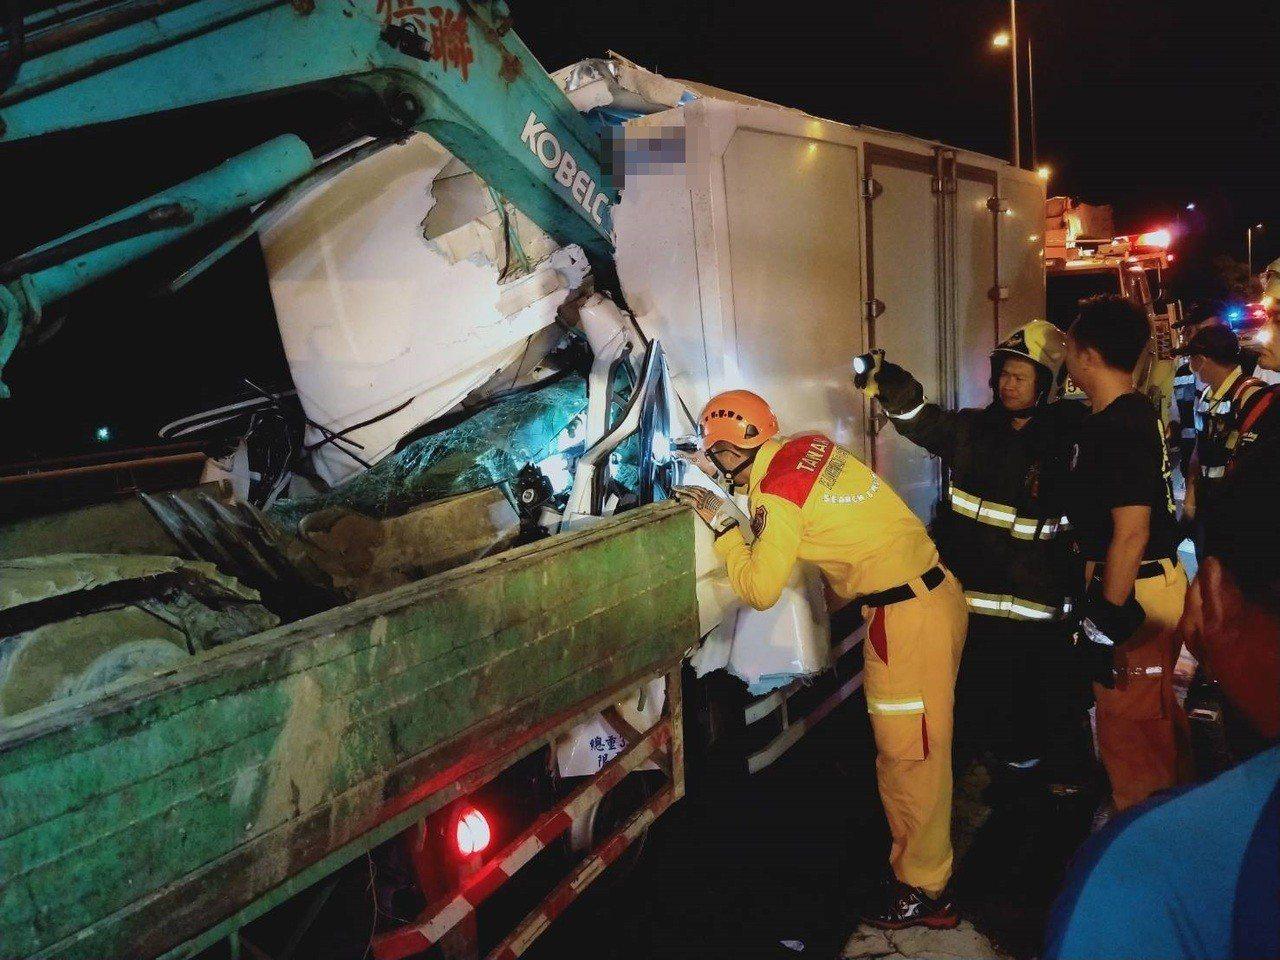 國道10號今天凌晨追撞車禍,冷凍貨車追撞前方載挖土機的大貨車,挖土機臂穿入冷凍貨...